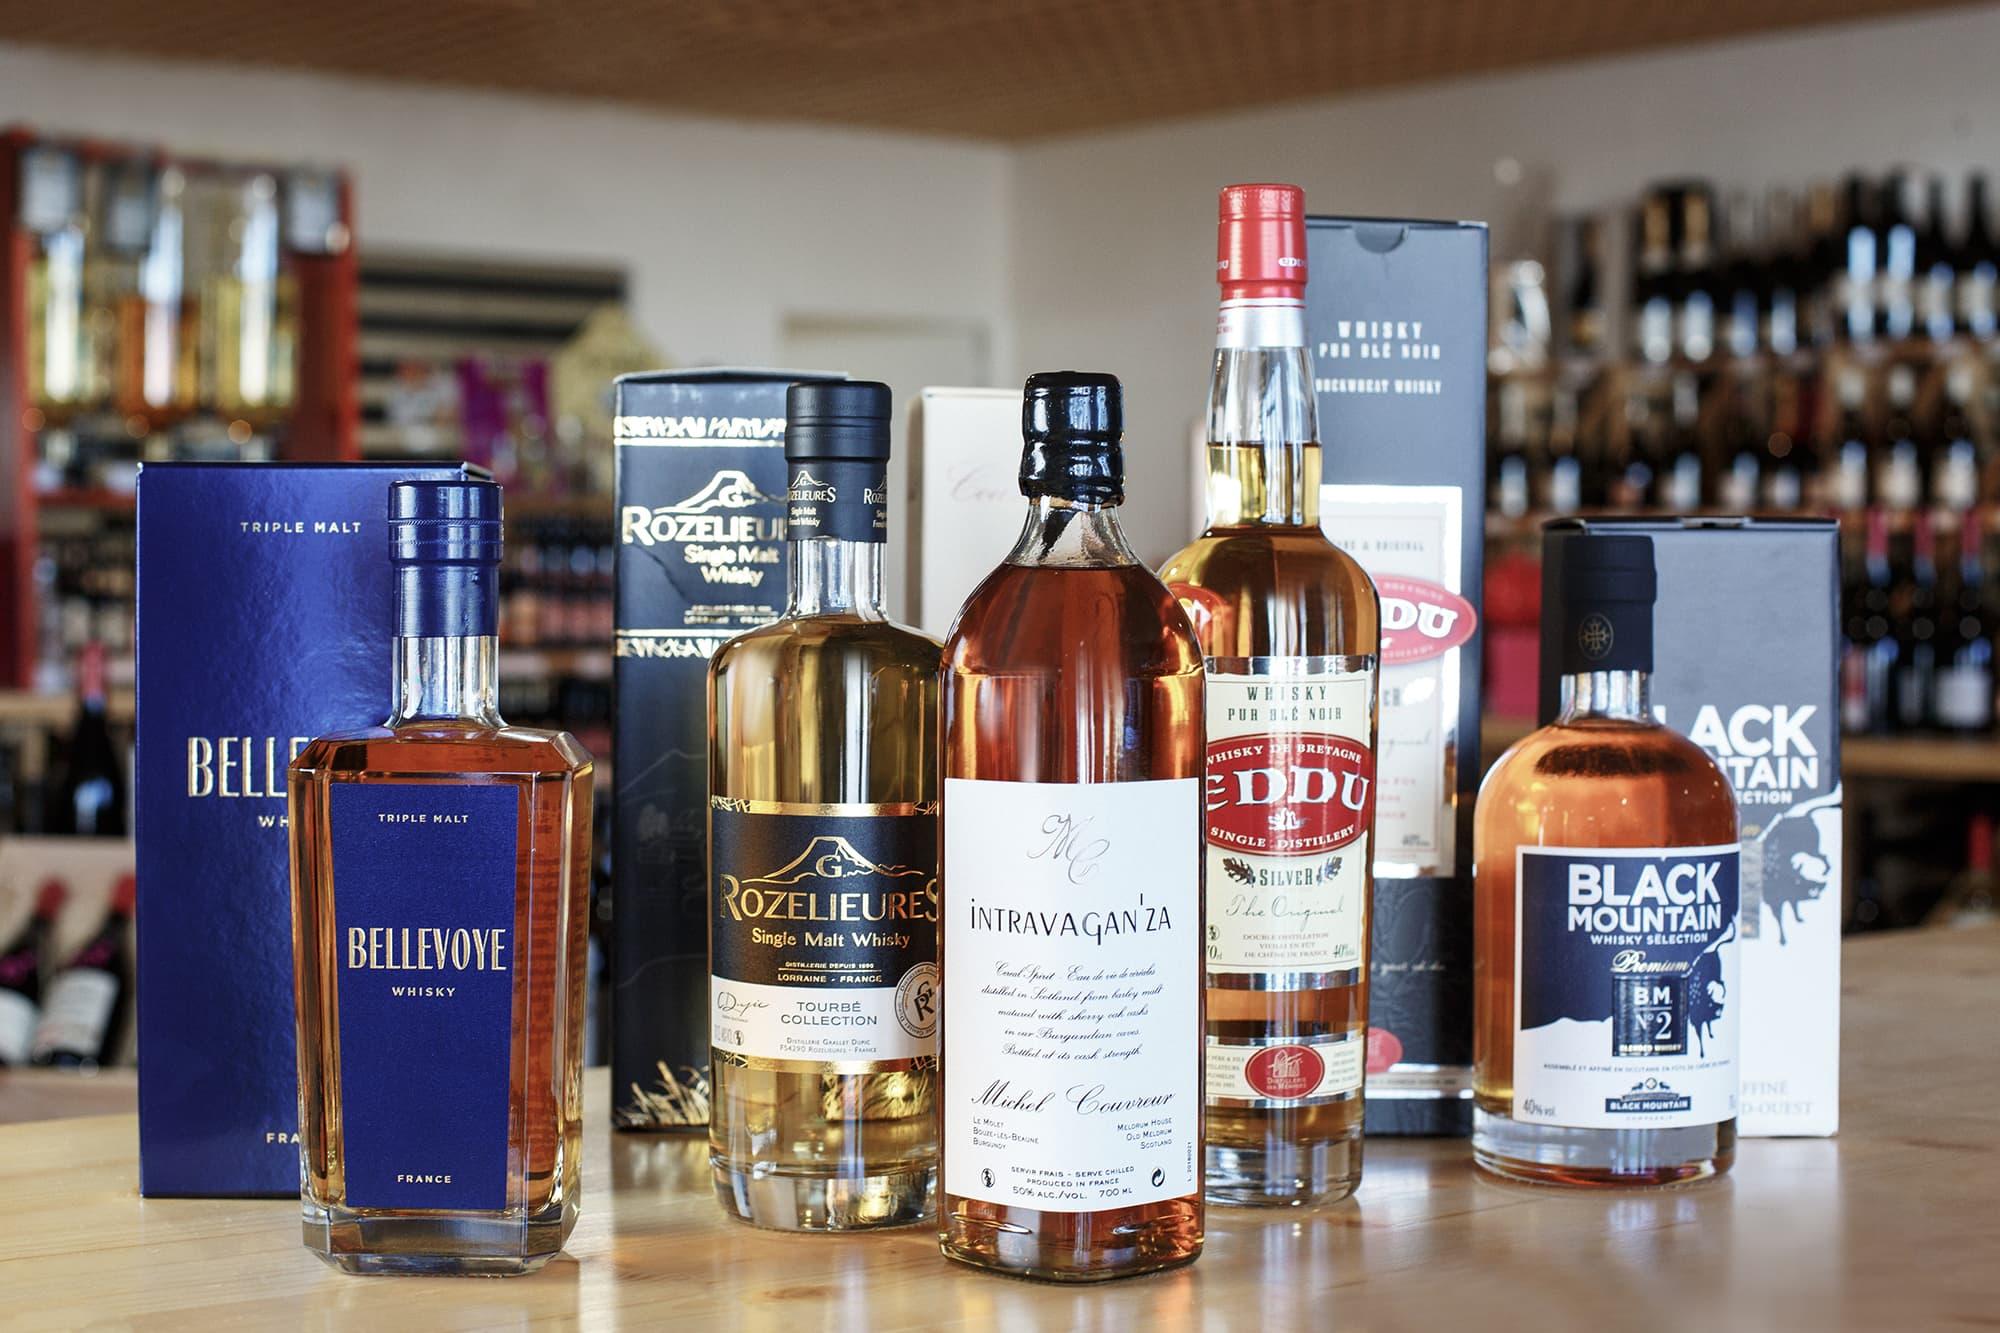 bouteilles de whiskys français